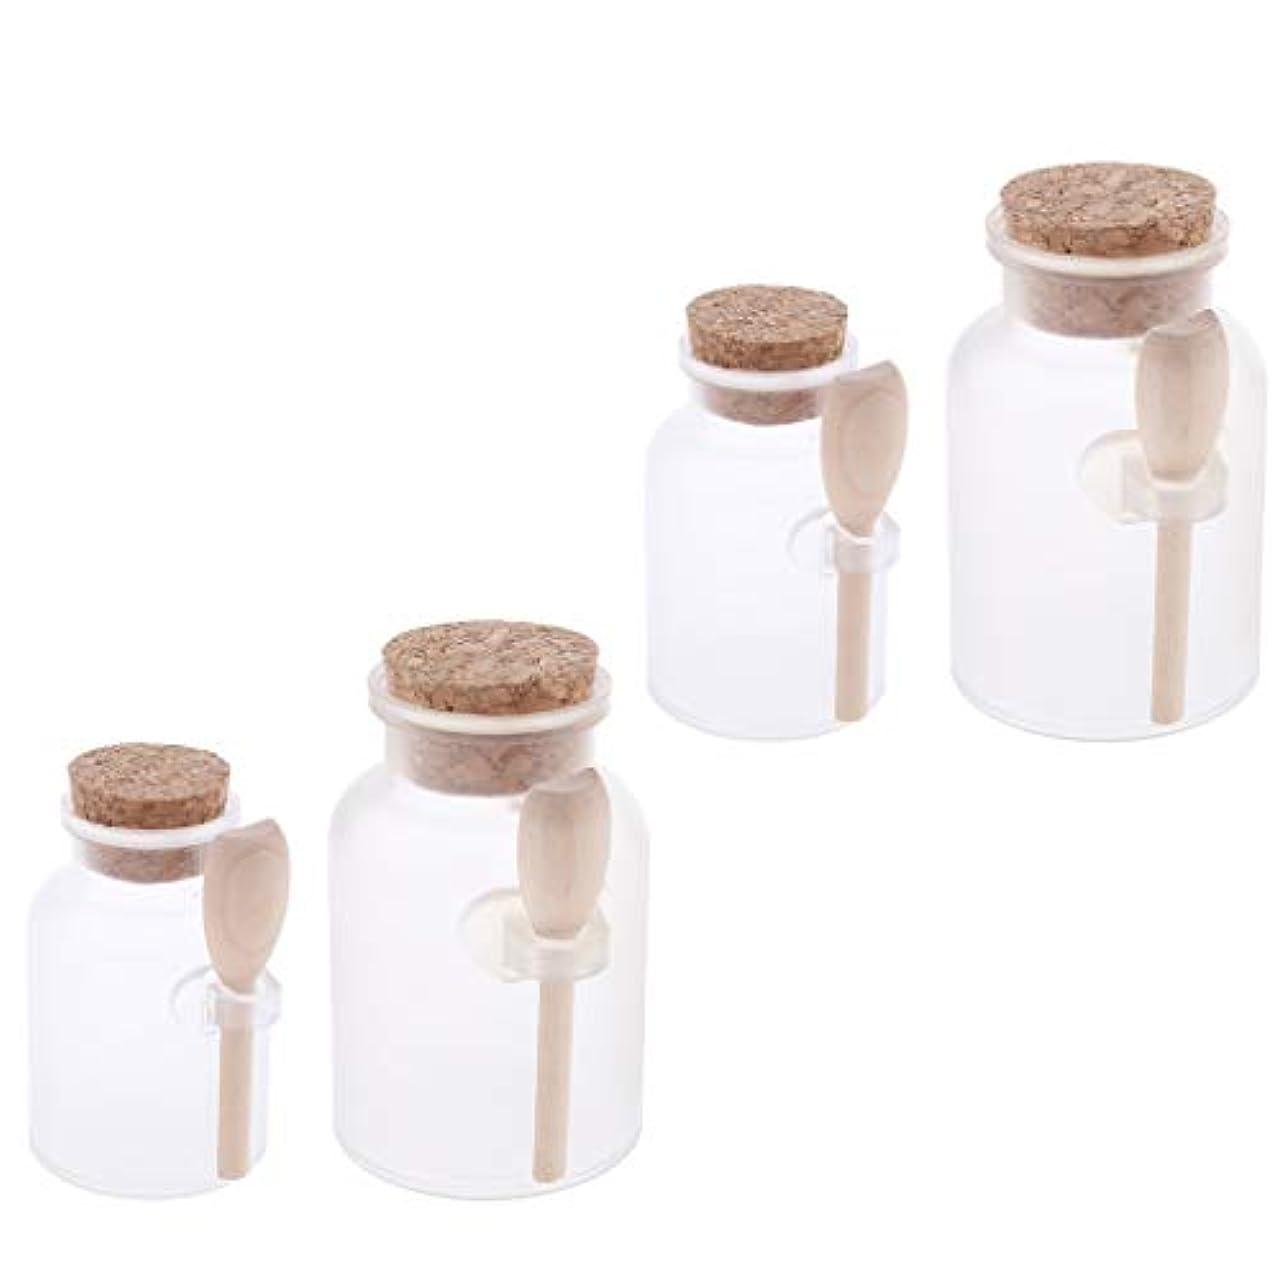 無許可アカデミック大胆4個入り クリーム瓶 クリームボトル アロマボトル バスソルト容器 化粧品ボトル 透明